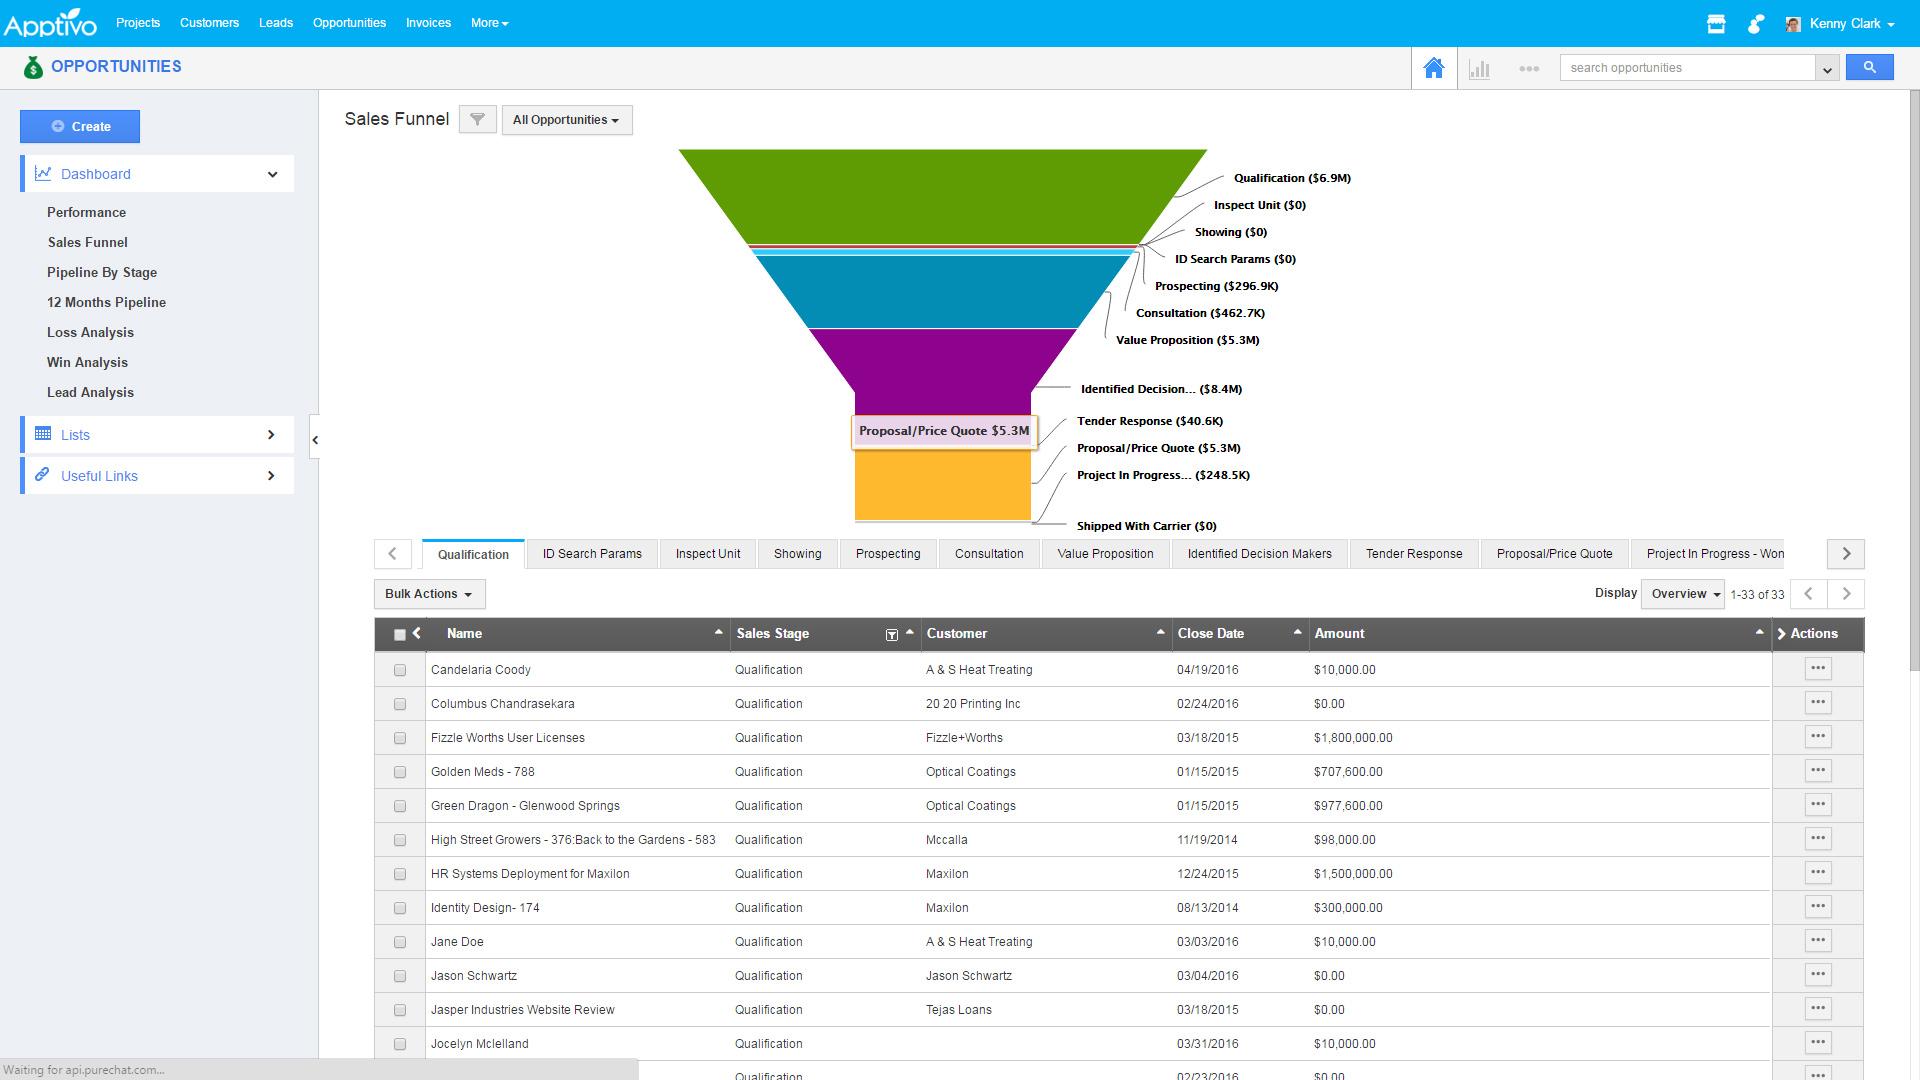 Apptivo's sales funnel